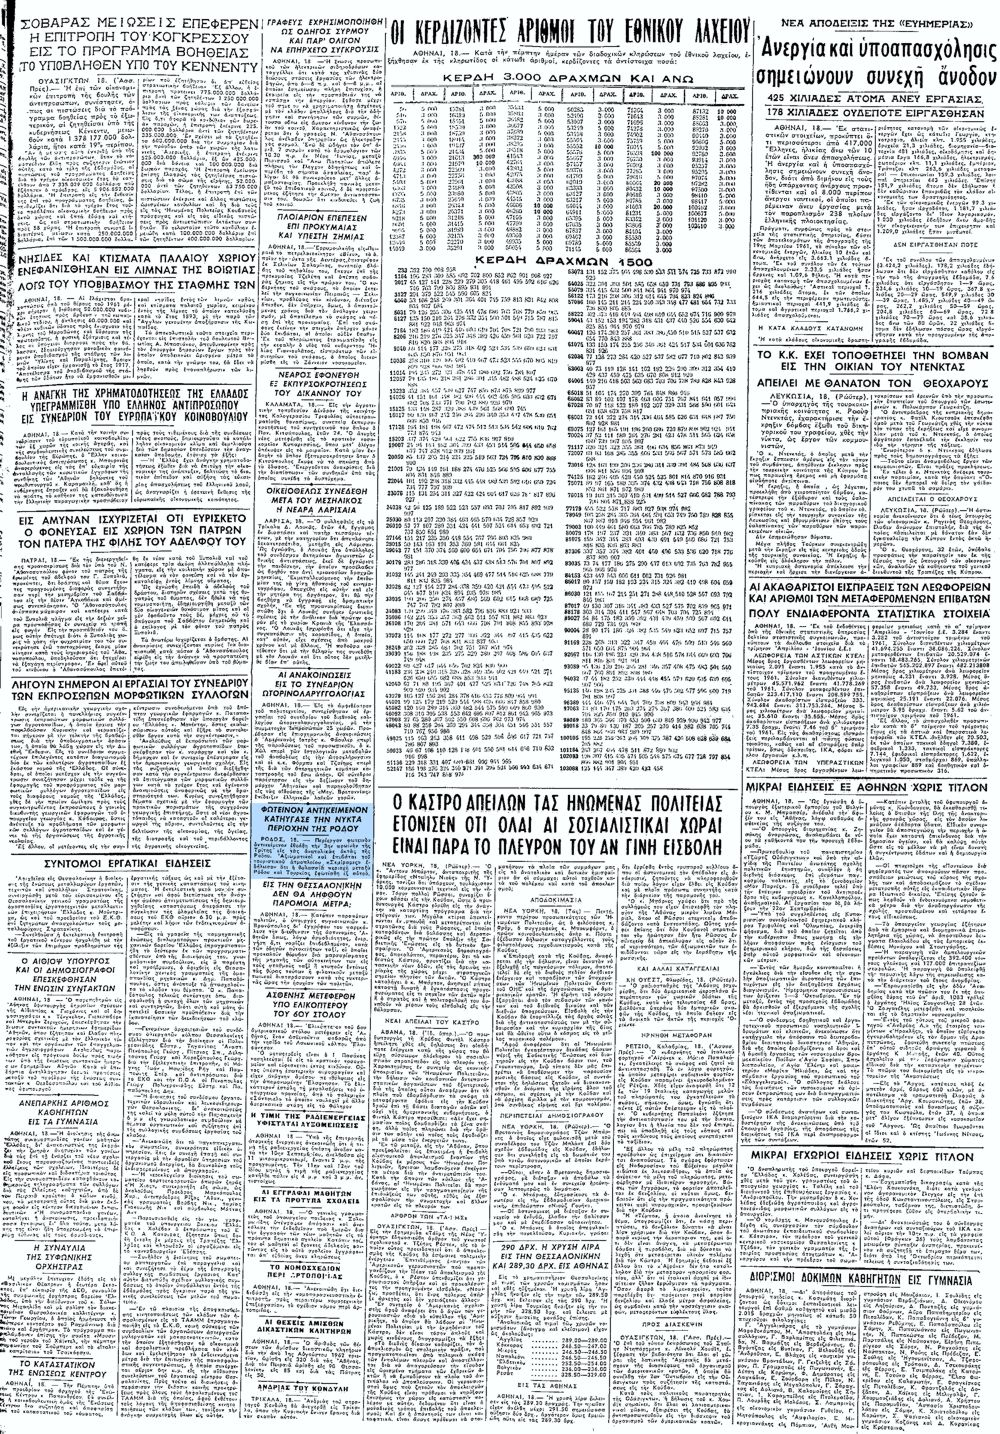 """Το άρθρο, όπως δημοσιεύθηκε στην εφημερίδα """"ΜΑΚΕΔΟΝΙΑ"""", στις 19/09/1962"""